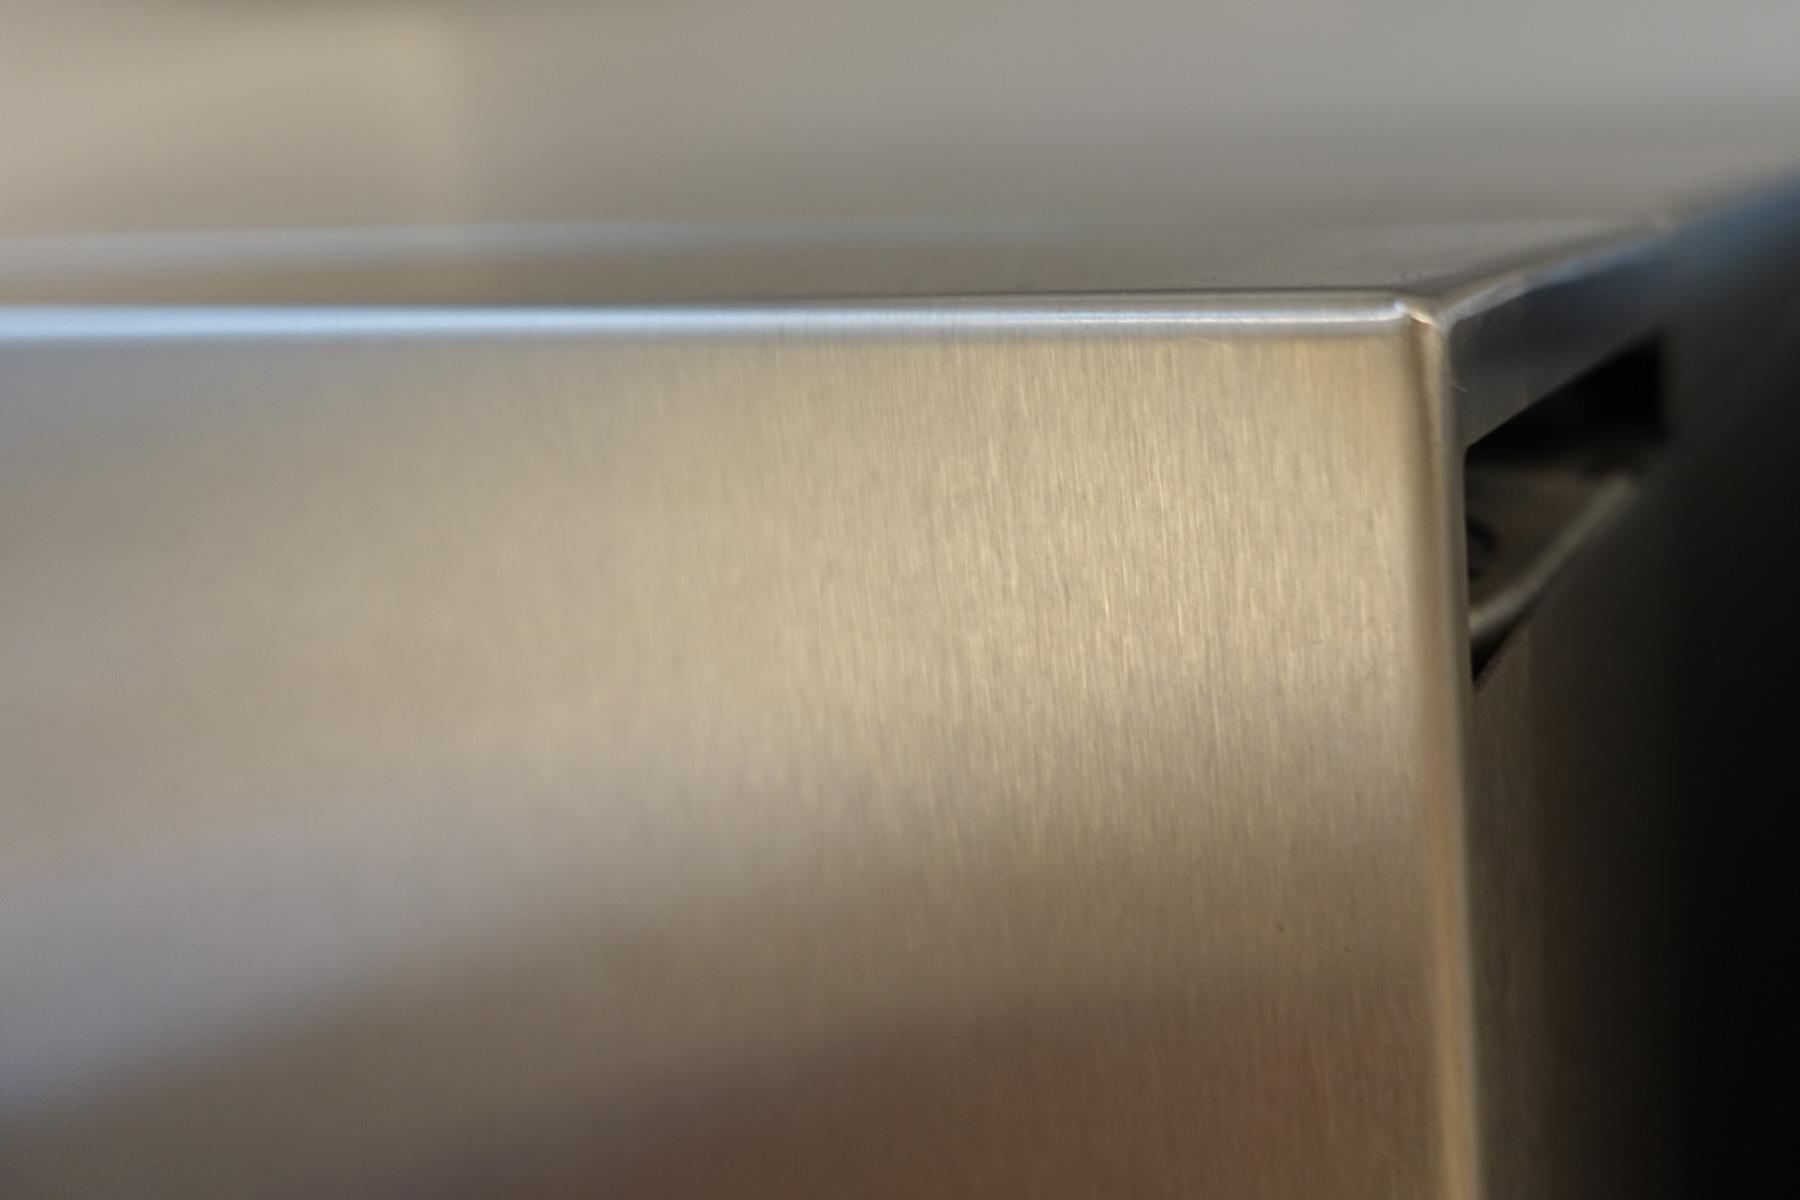 Side By Side Kühlschrank Unterbau : O f classic side by side kühlschrank mit dispenser welter & welter